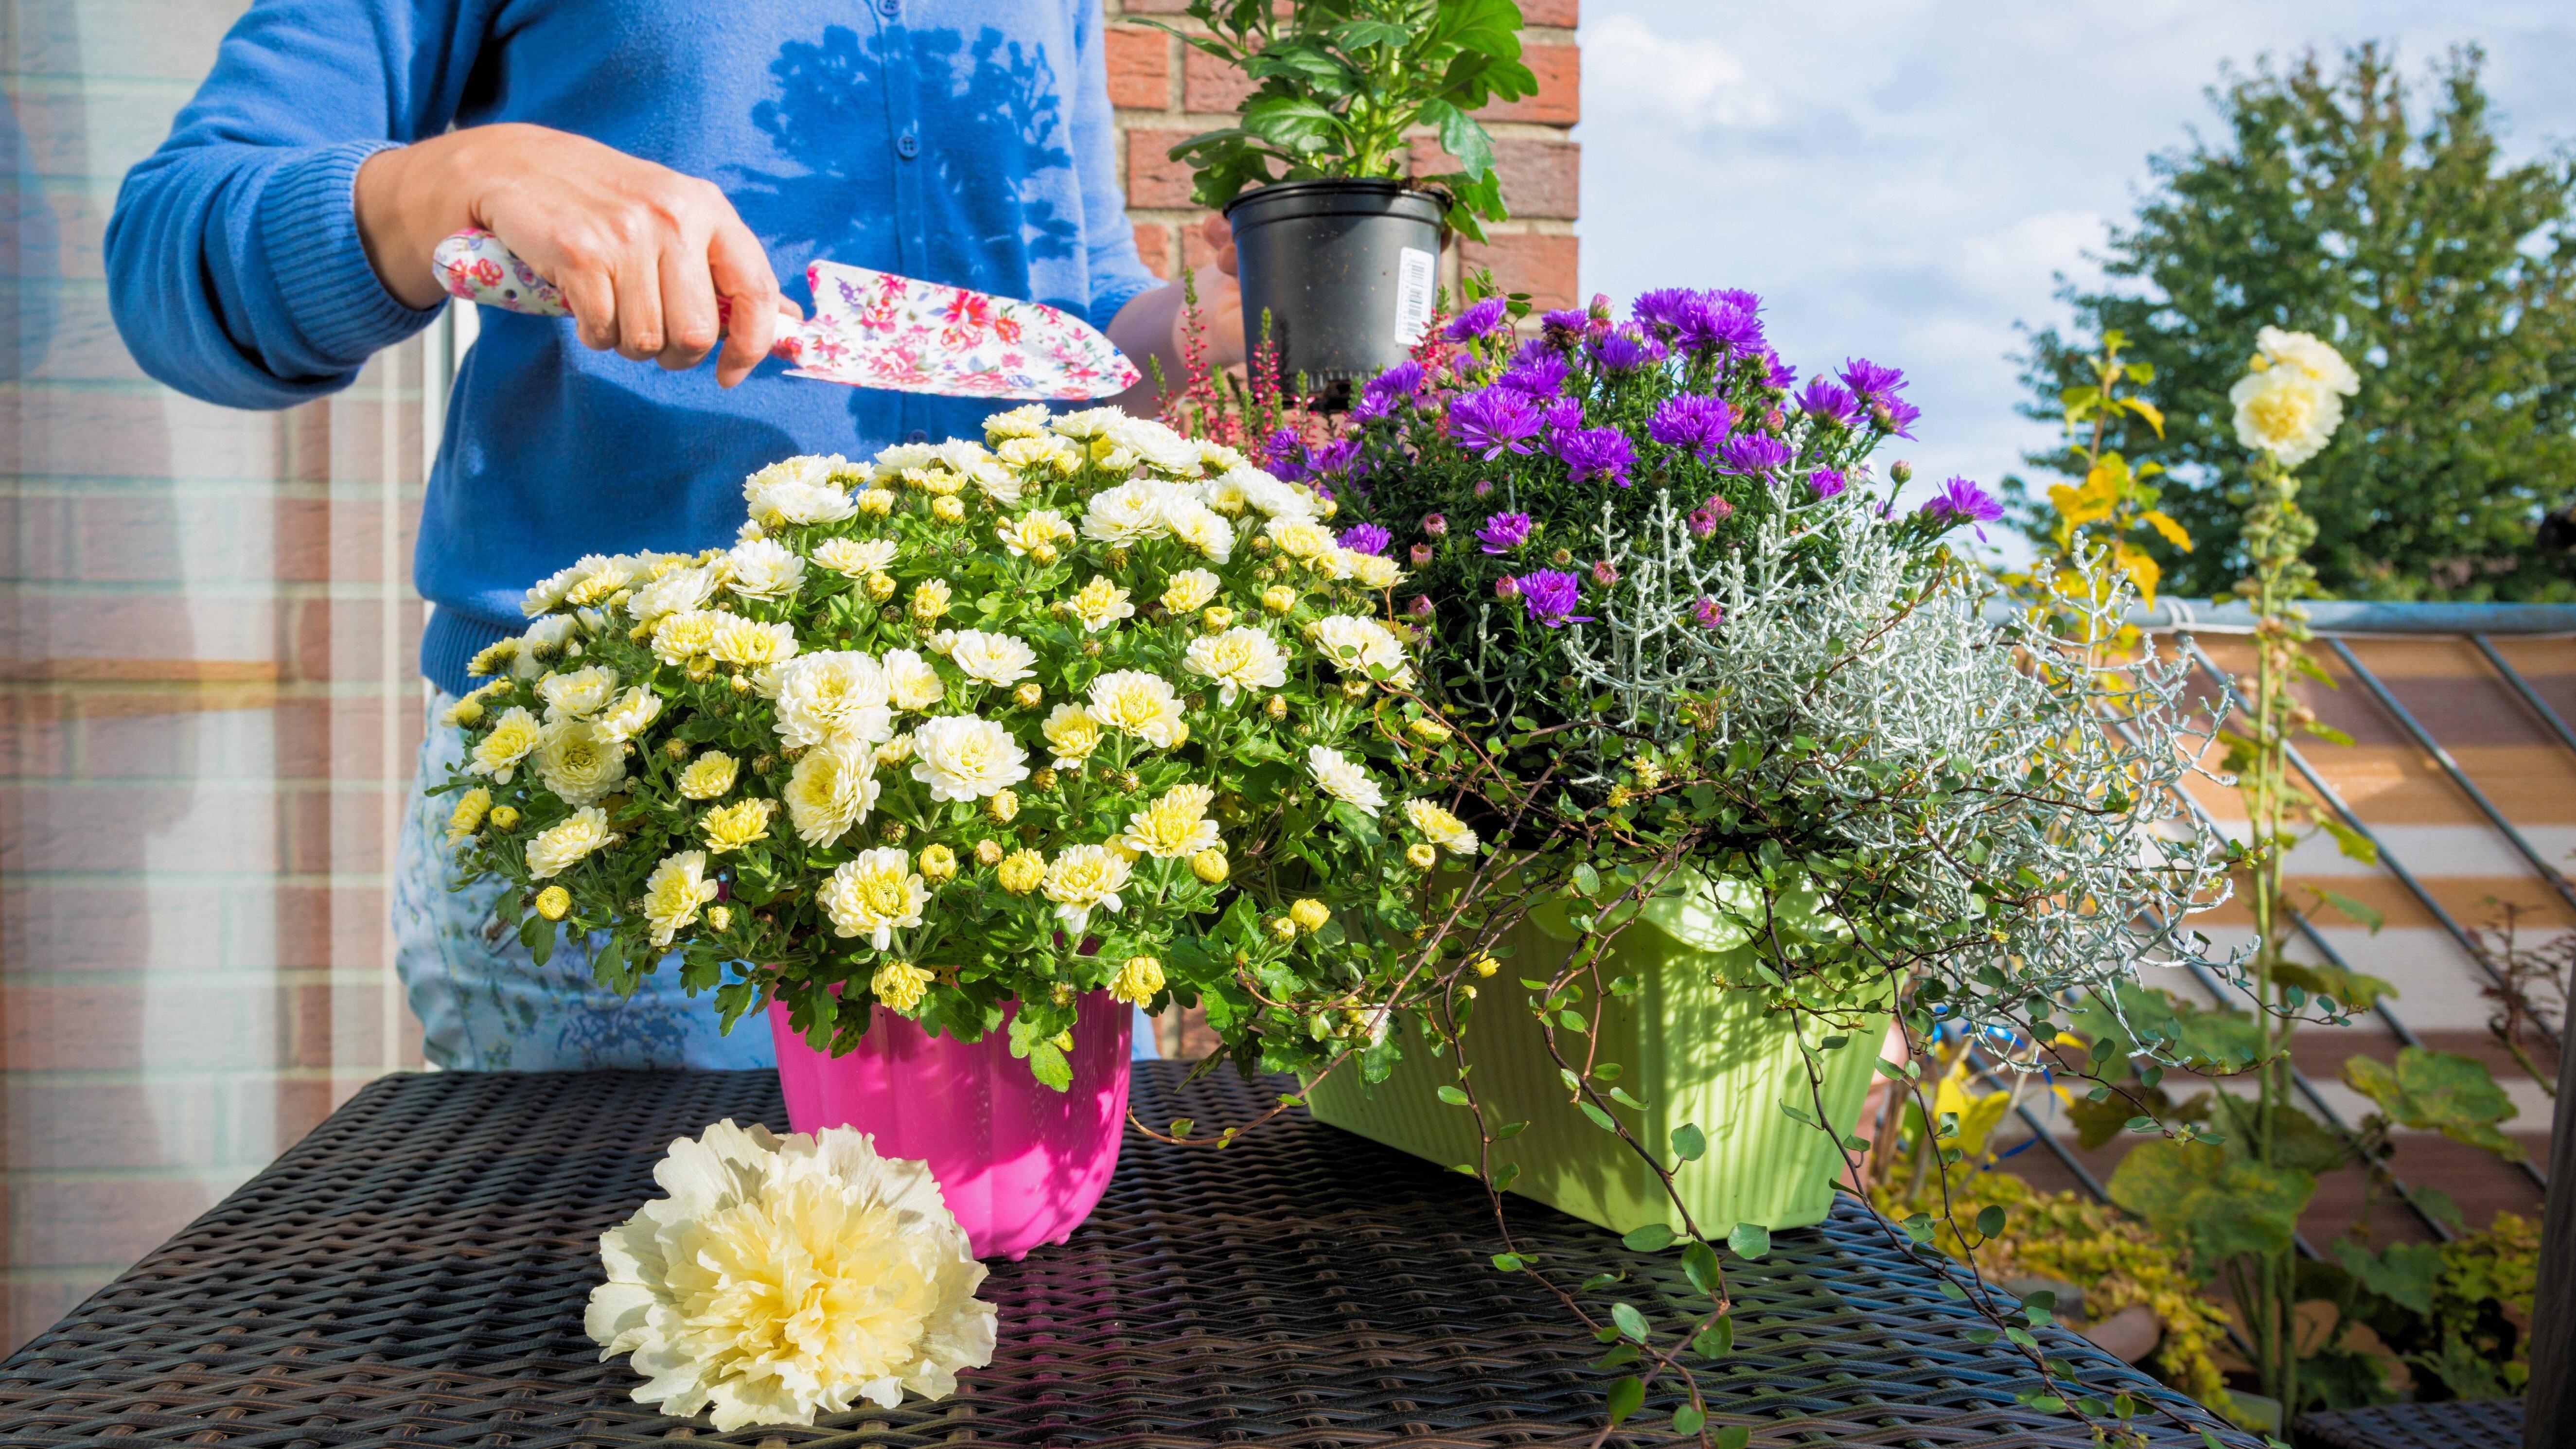 Herbstblumen für den Balkon: Diese Blumen eignen sich